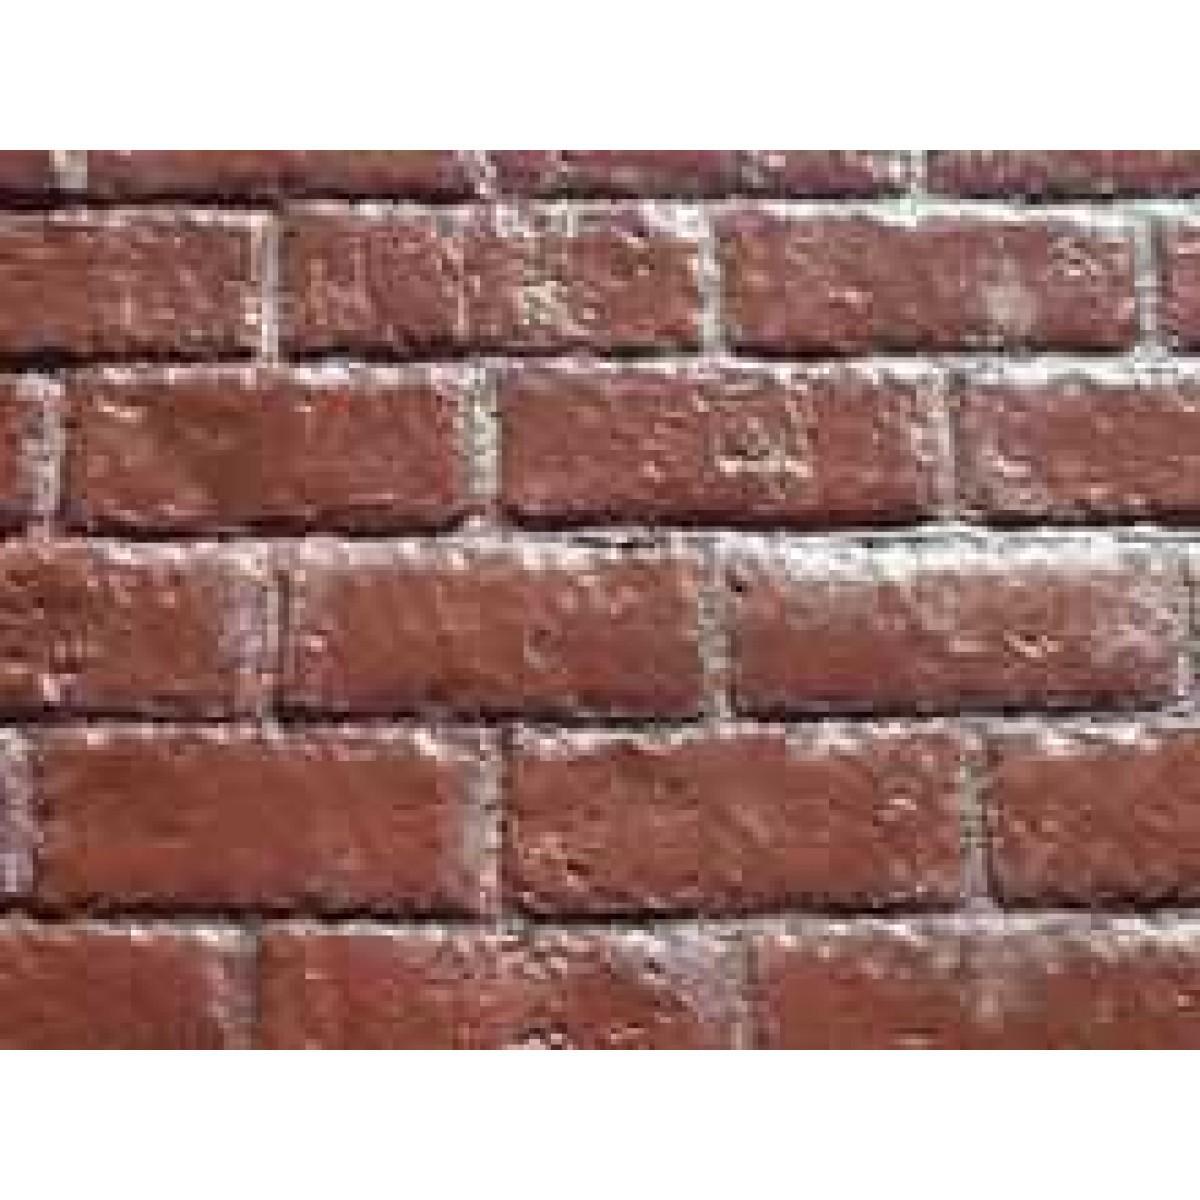 Rr100 36 Rock N Roller 36 Wide Brick Concrete Stamp